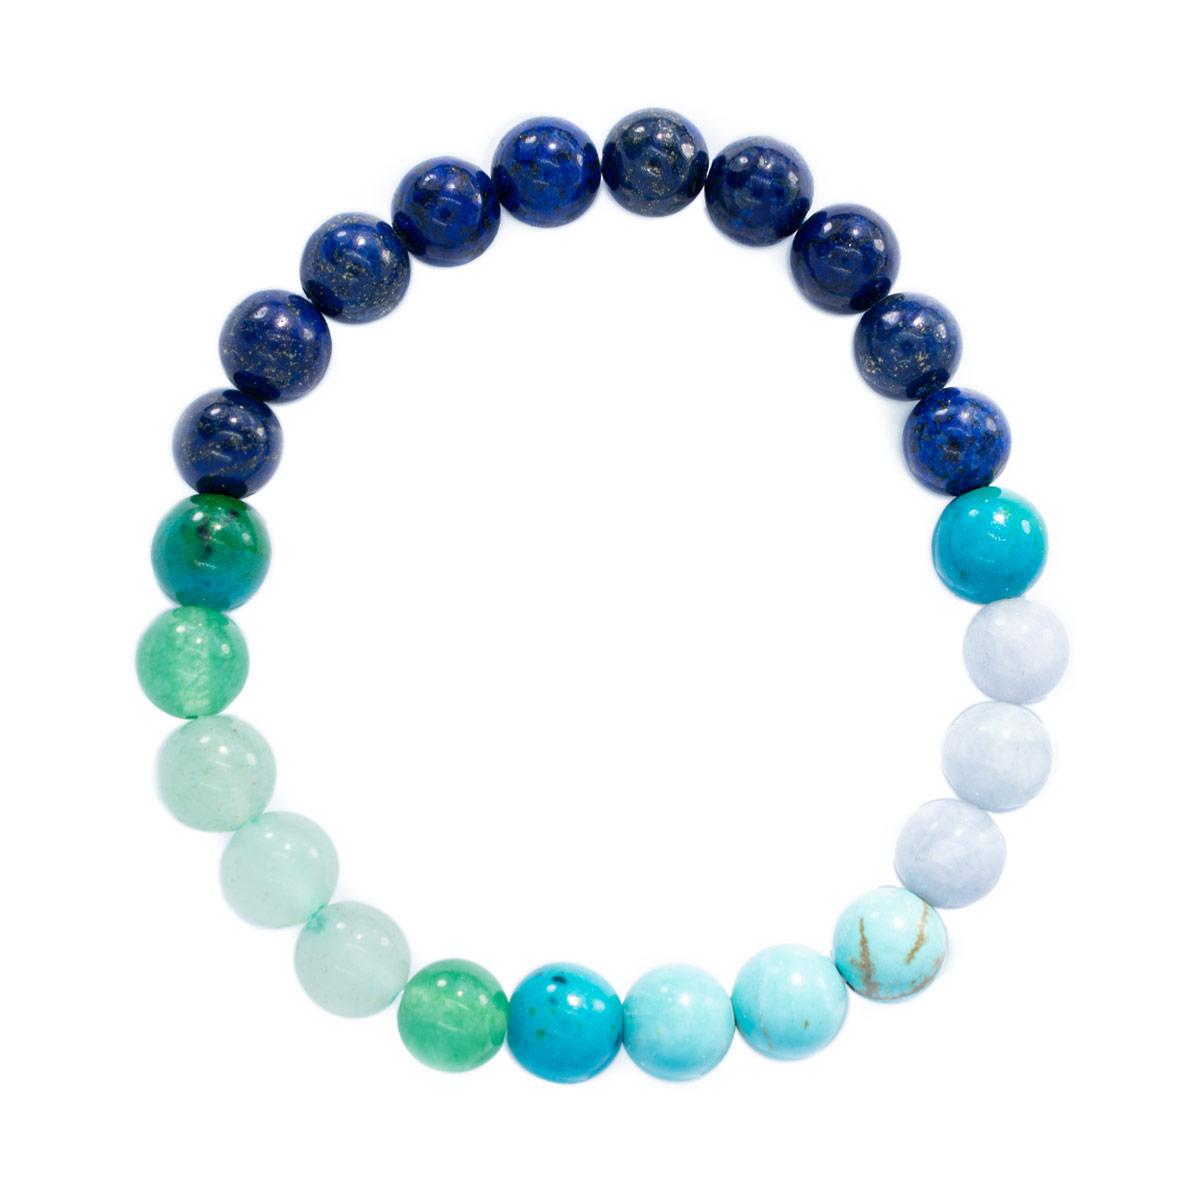 Sri Avinash Blessed™ Amazonite, Turquoise, Lapis Lazuli & Aventurine Mala Bracelet